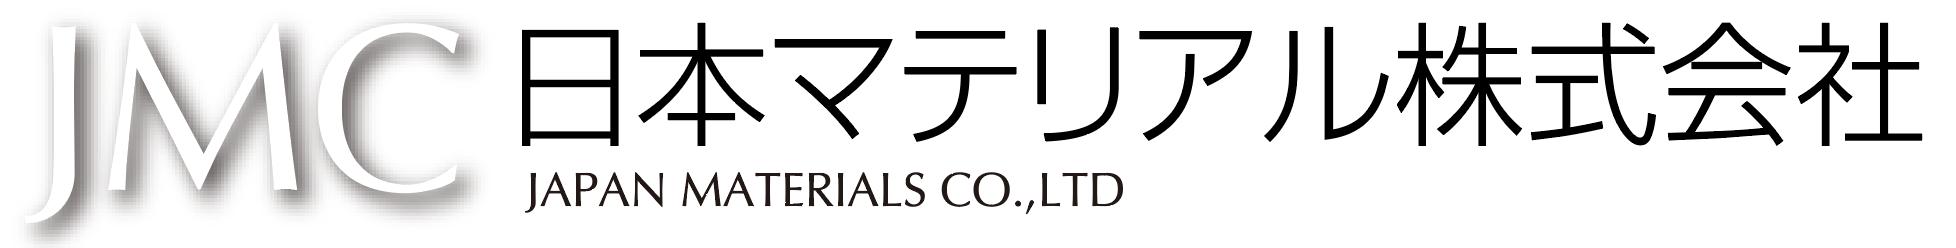 日本マテリアル